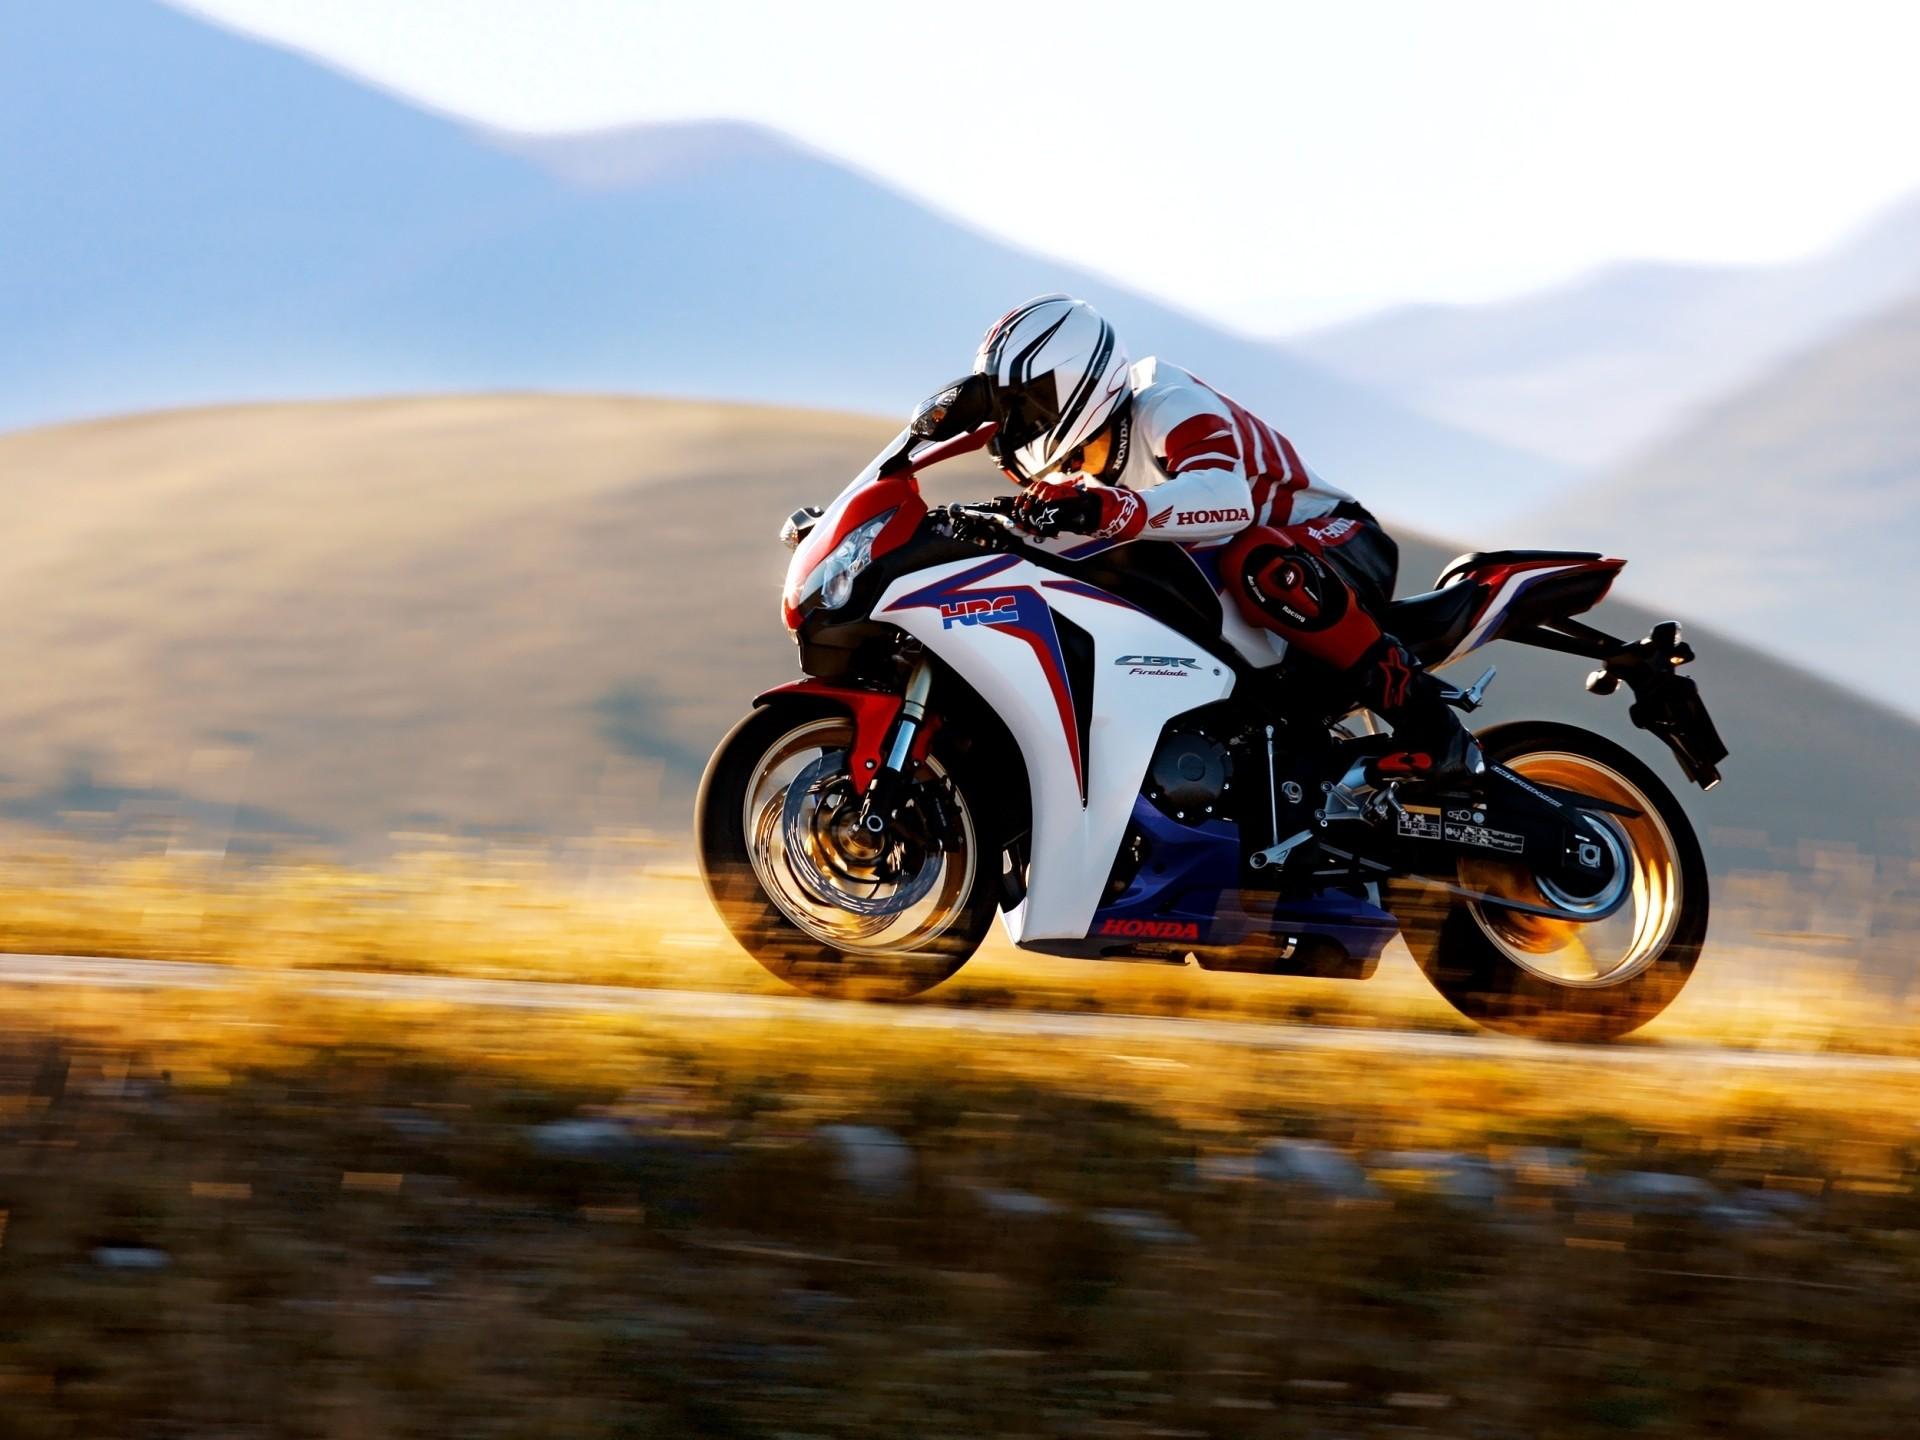 Res: 1920x1440, Vehicles - Honda CBR Wallpaper